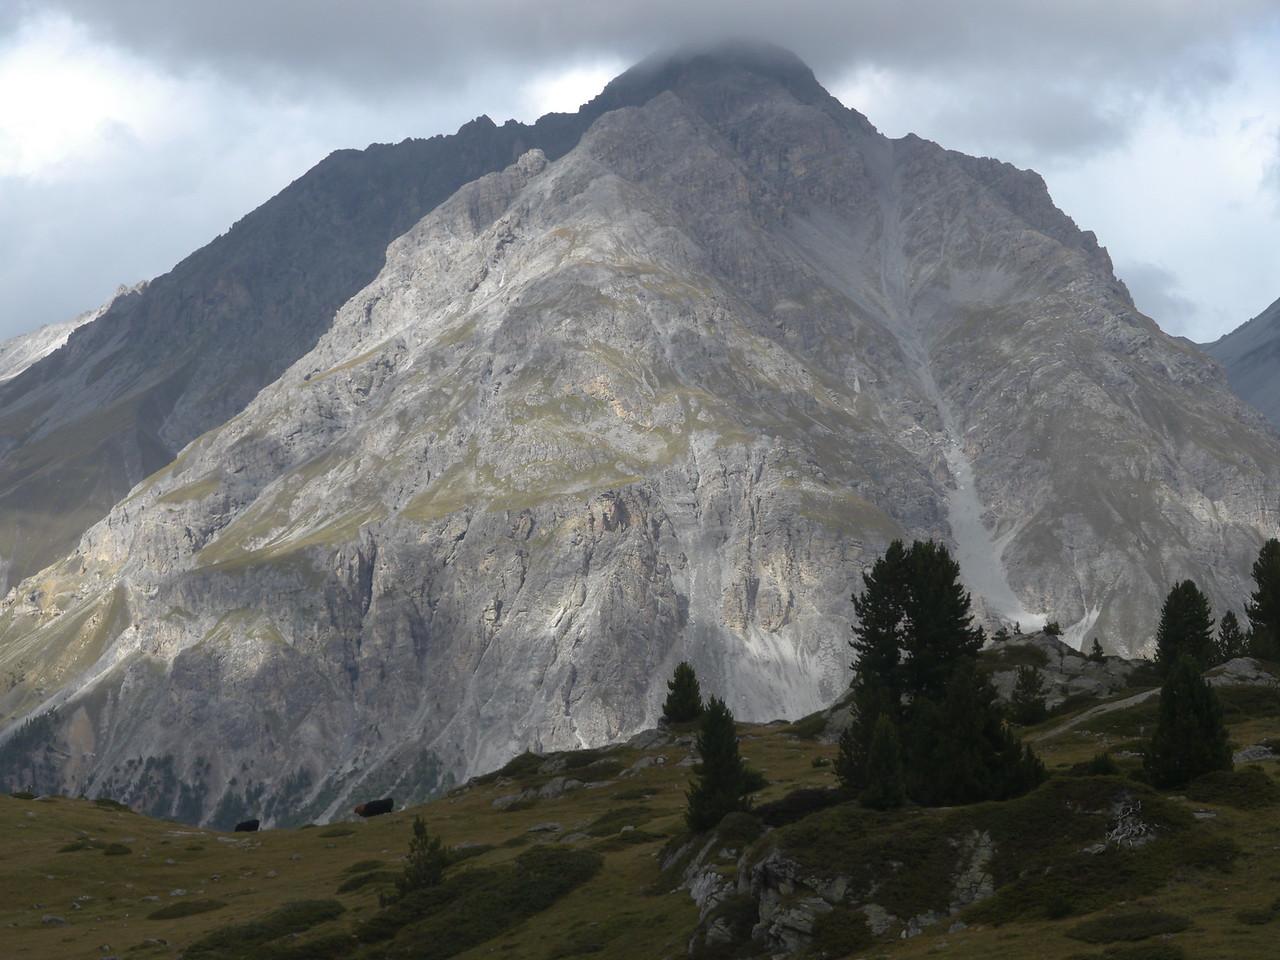 @RobAng Sept. 2014 / Il Fuorn, Tschierv, Kanton Graubünden, CHE, Schweiz, 2230 m ü/M, 2014/09/06 15:11:53